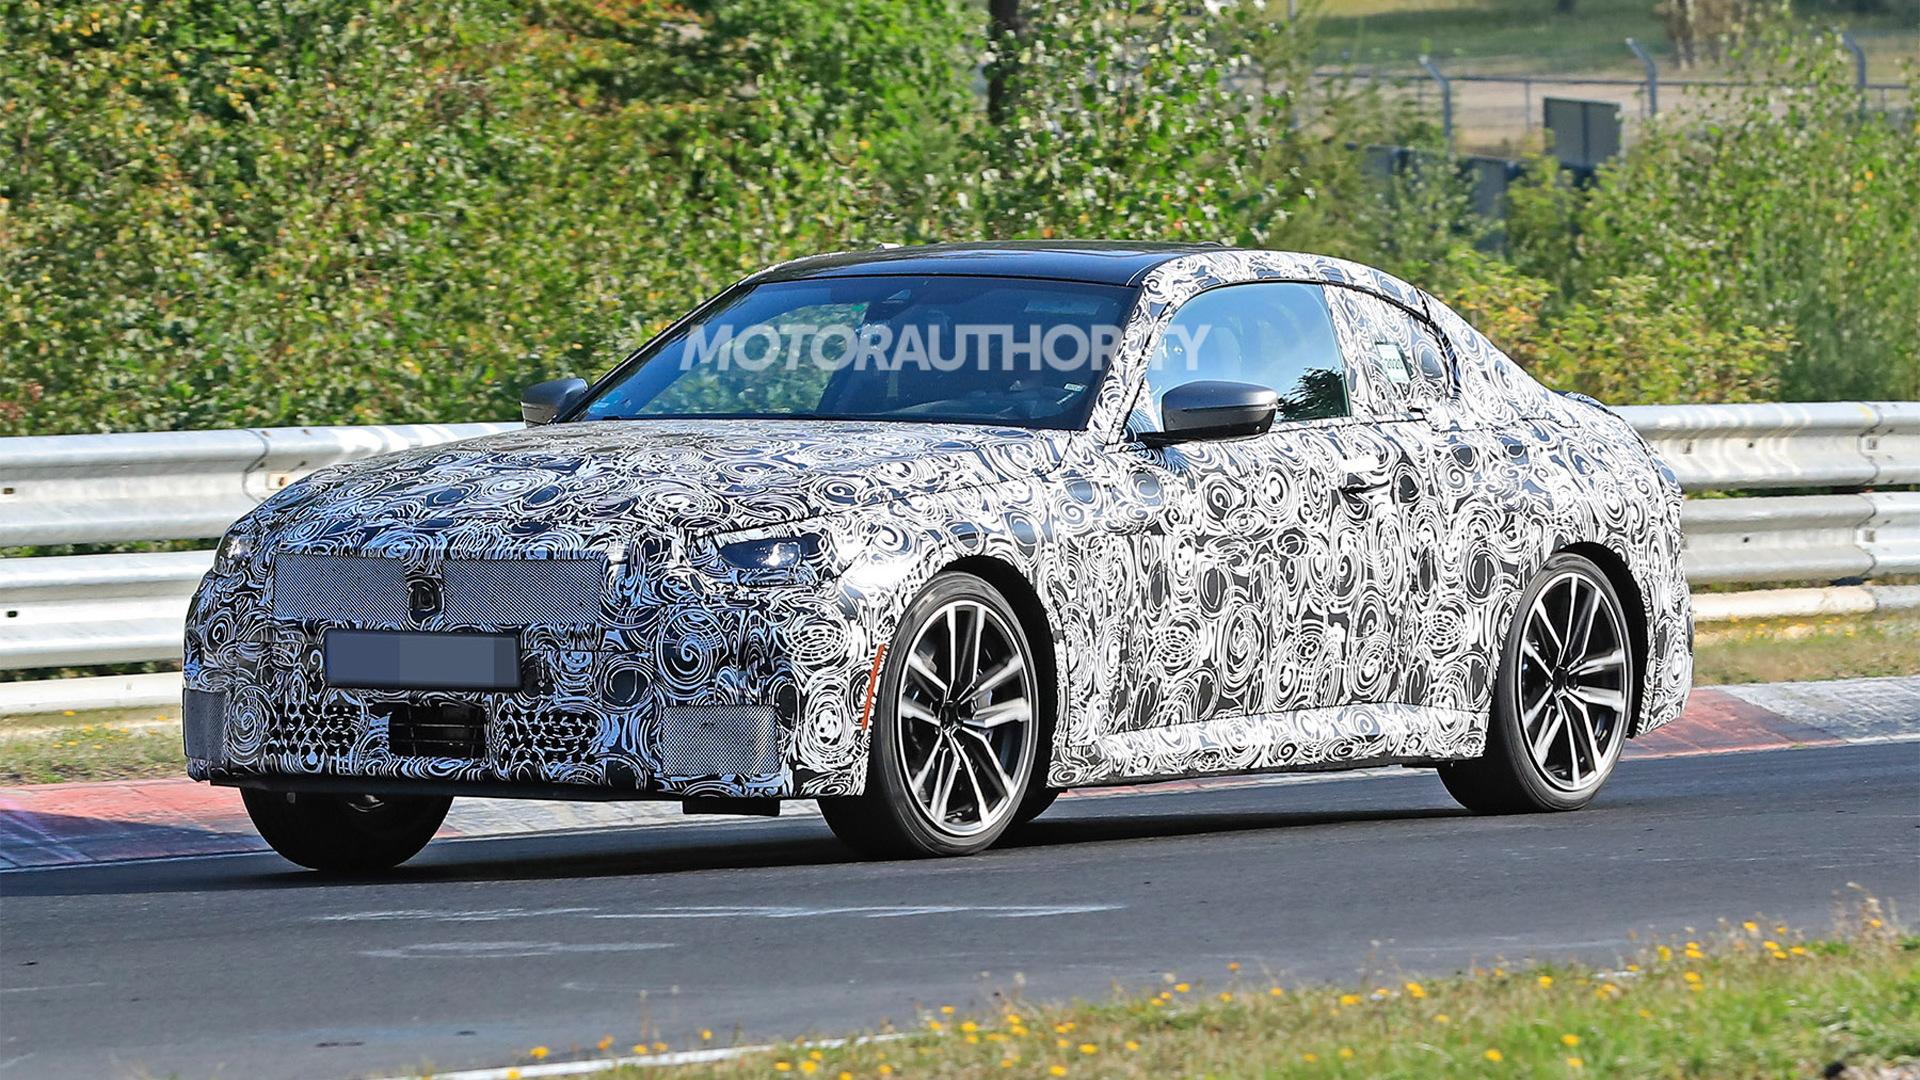 2022 BMW 2-Series spy shots - Photo credit:S. Baldauf/SB-Medien